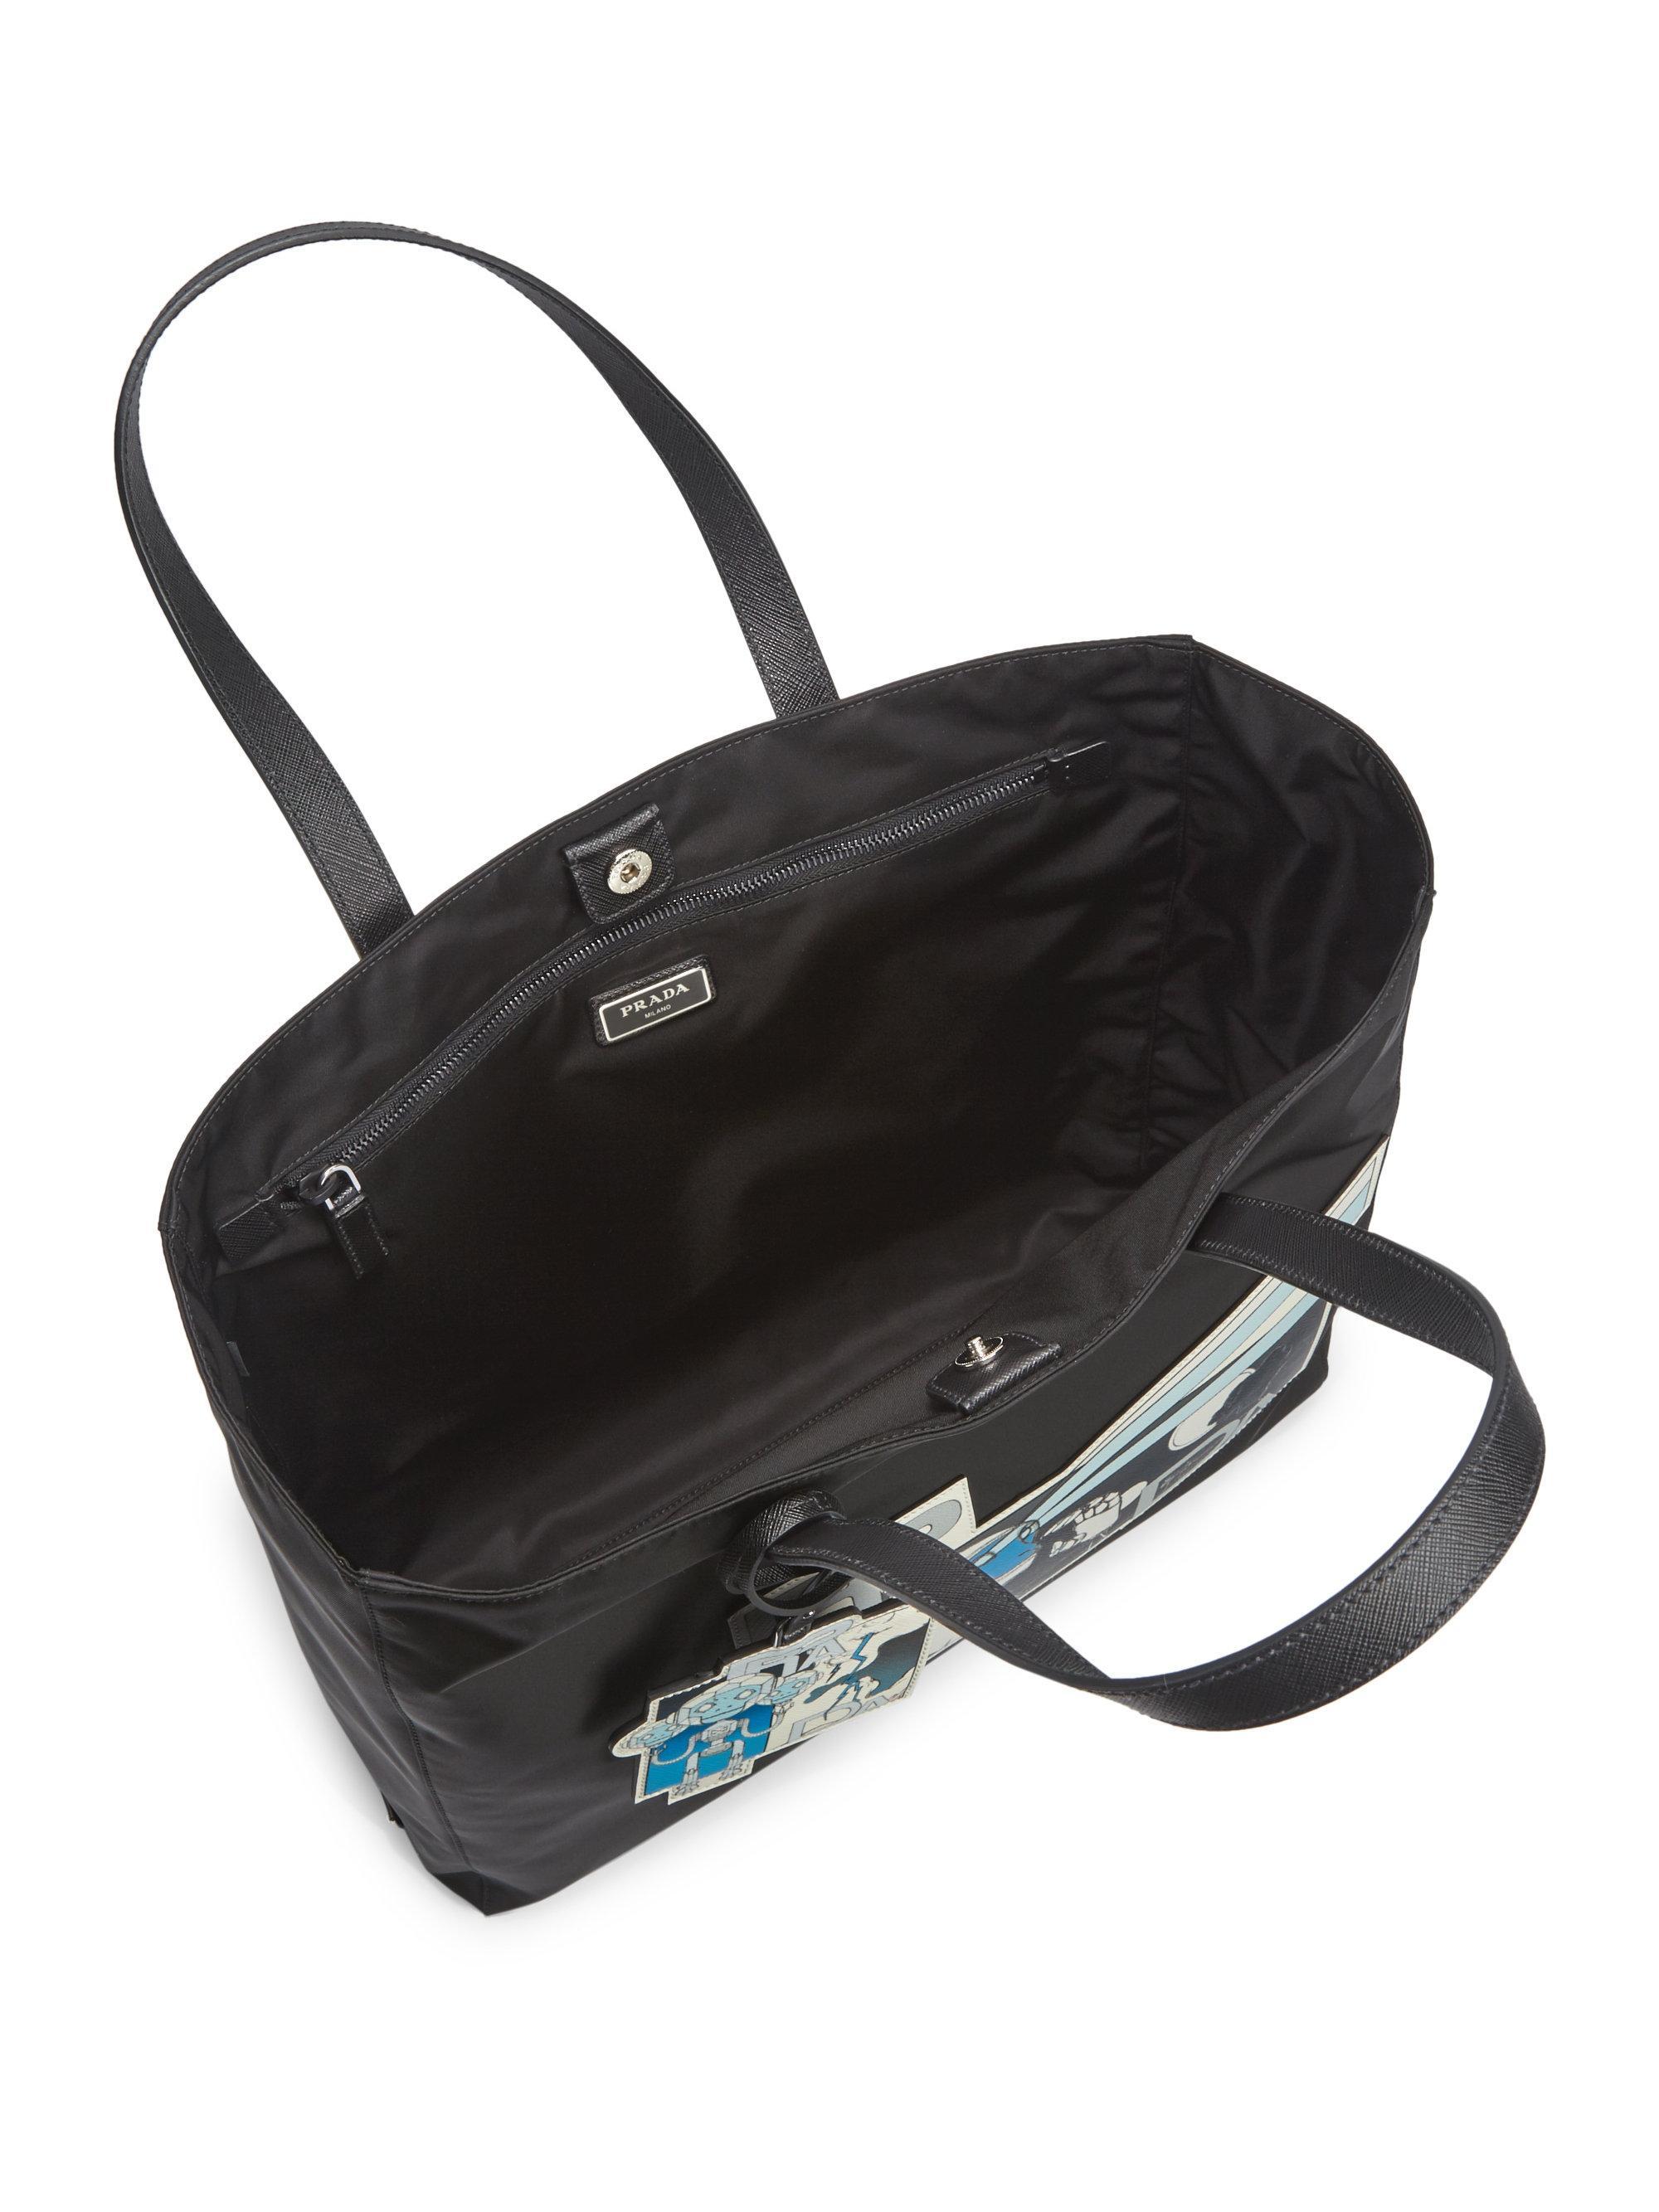 bb033e2e90dc ... switzerland lyst prada graphic tote bag in black for men e72b7 0aa58